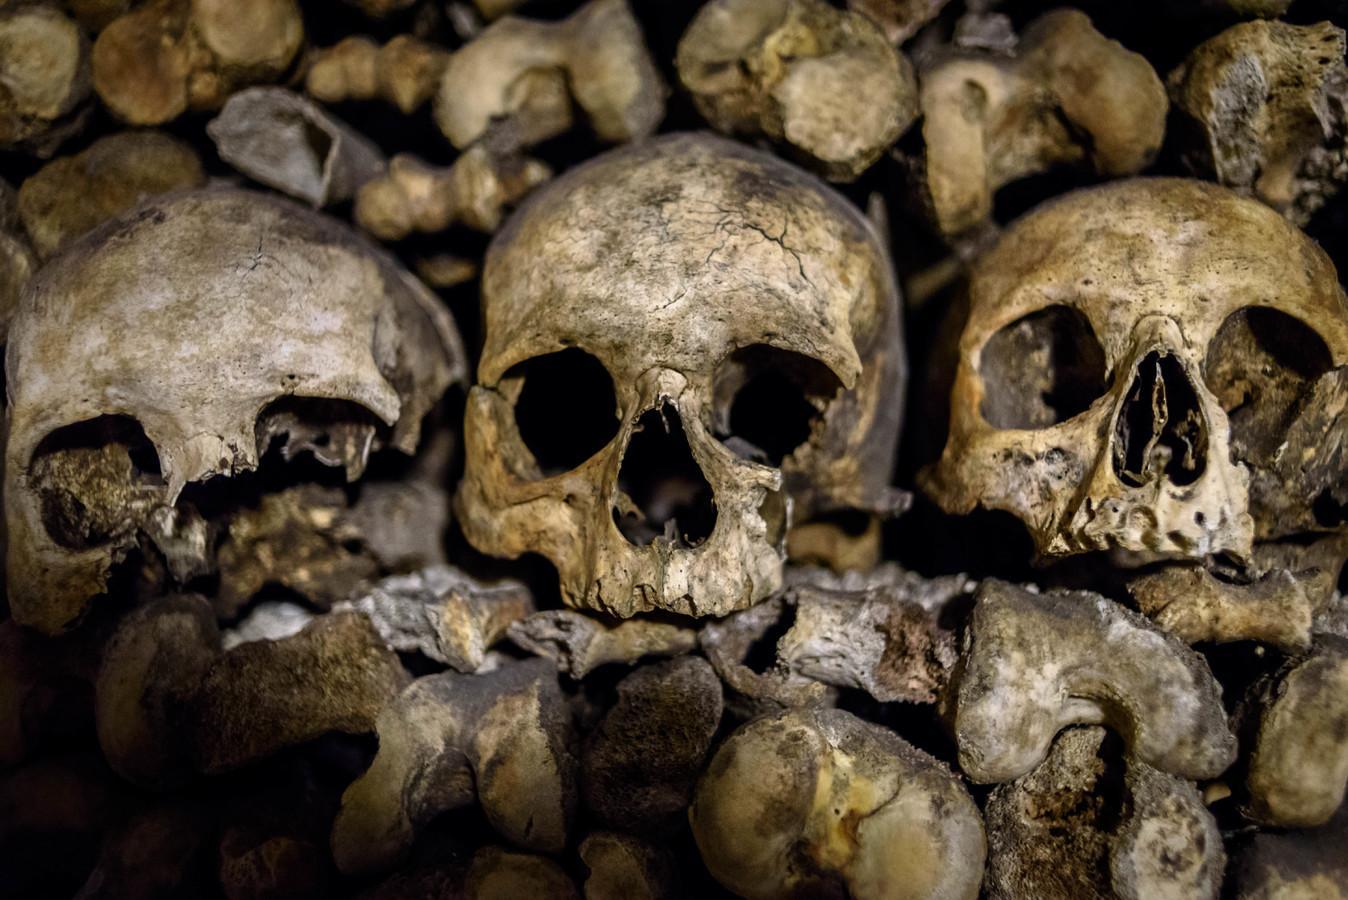 ВИспании найден череп инопланетянина— изумительная находка